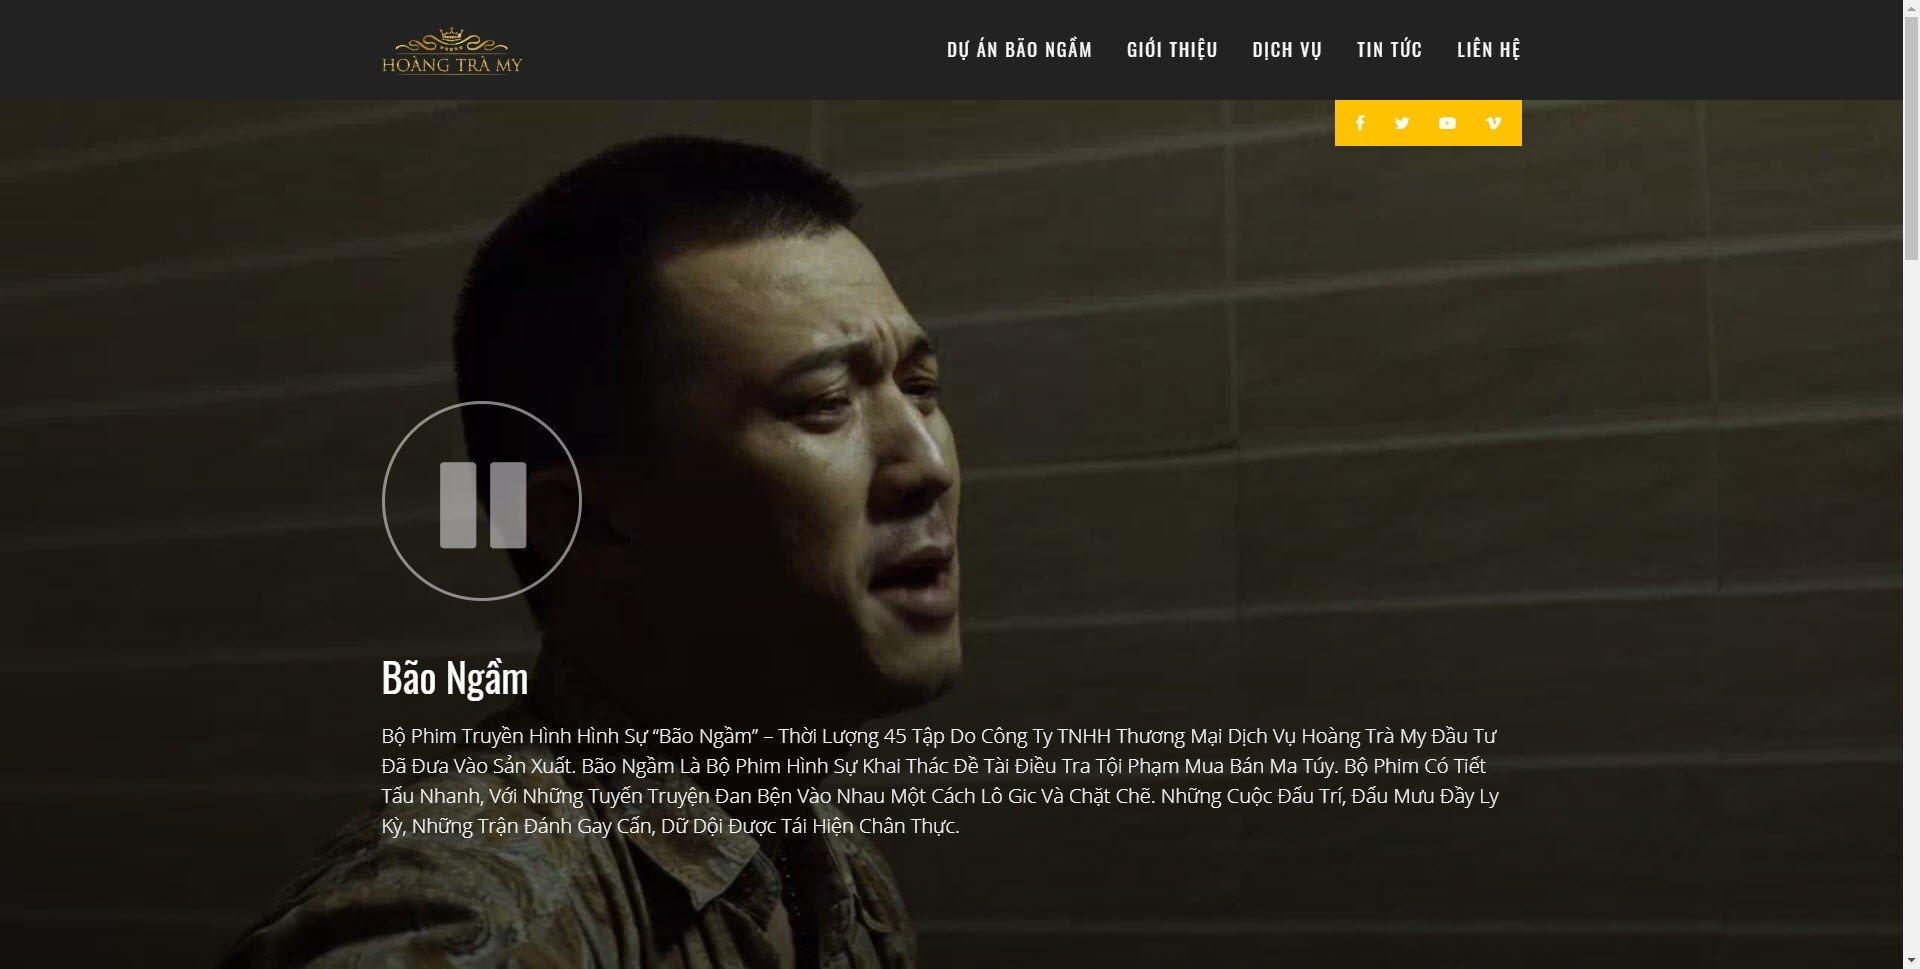 Trailer phim truyền hình Bão Ngầm trên website hoangtramy.com